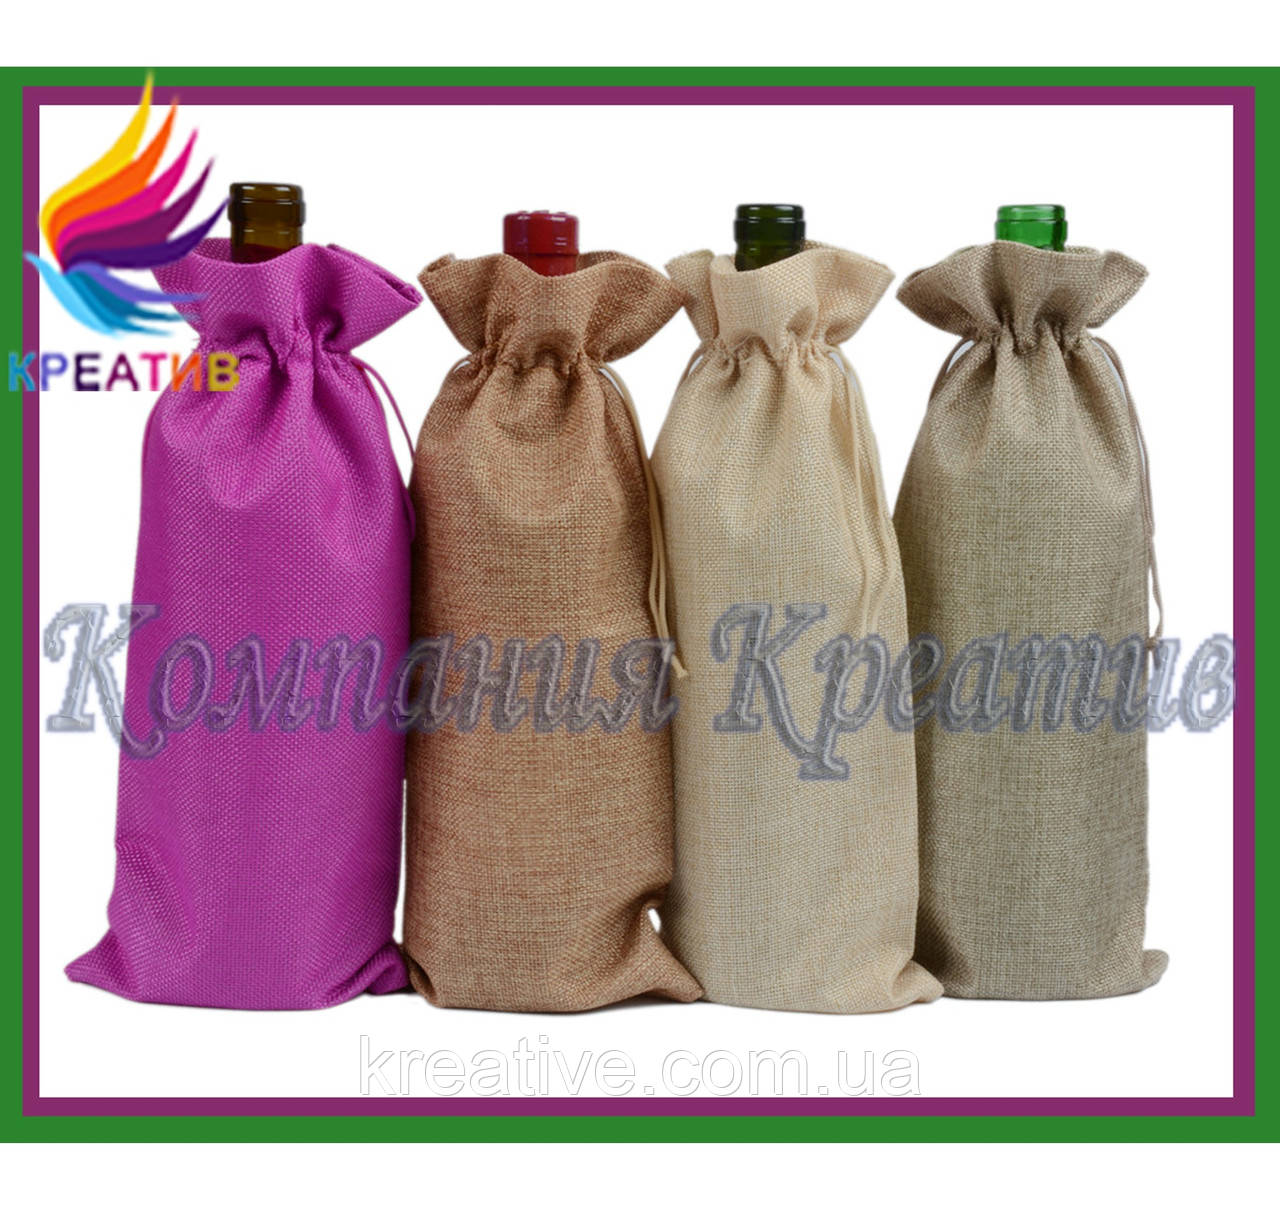 Подарочные чехлы для бутылок из мешковины, бязи, двунитки (под заказ от 50 шт.)